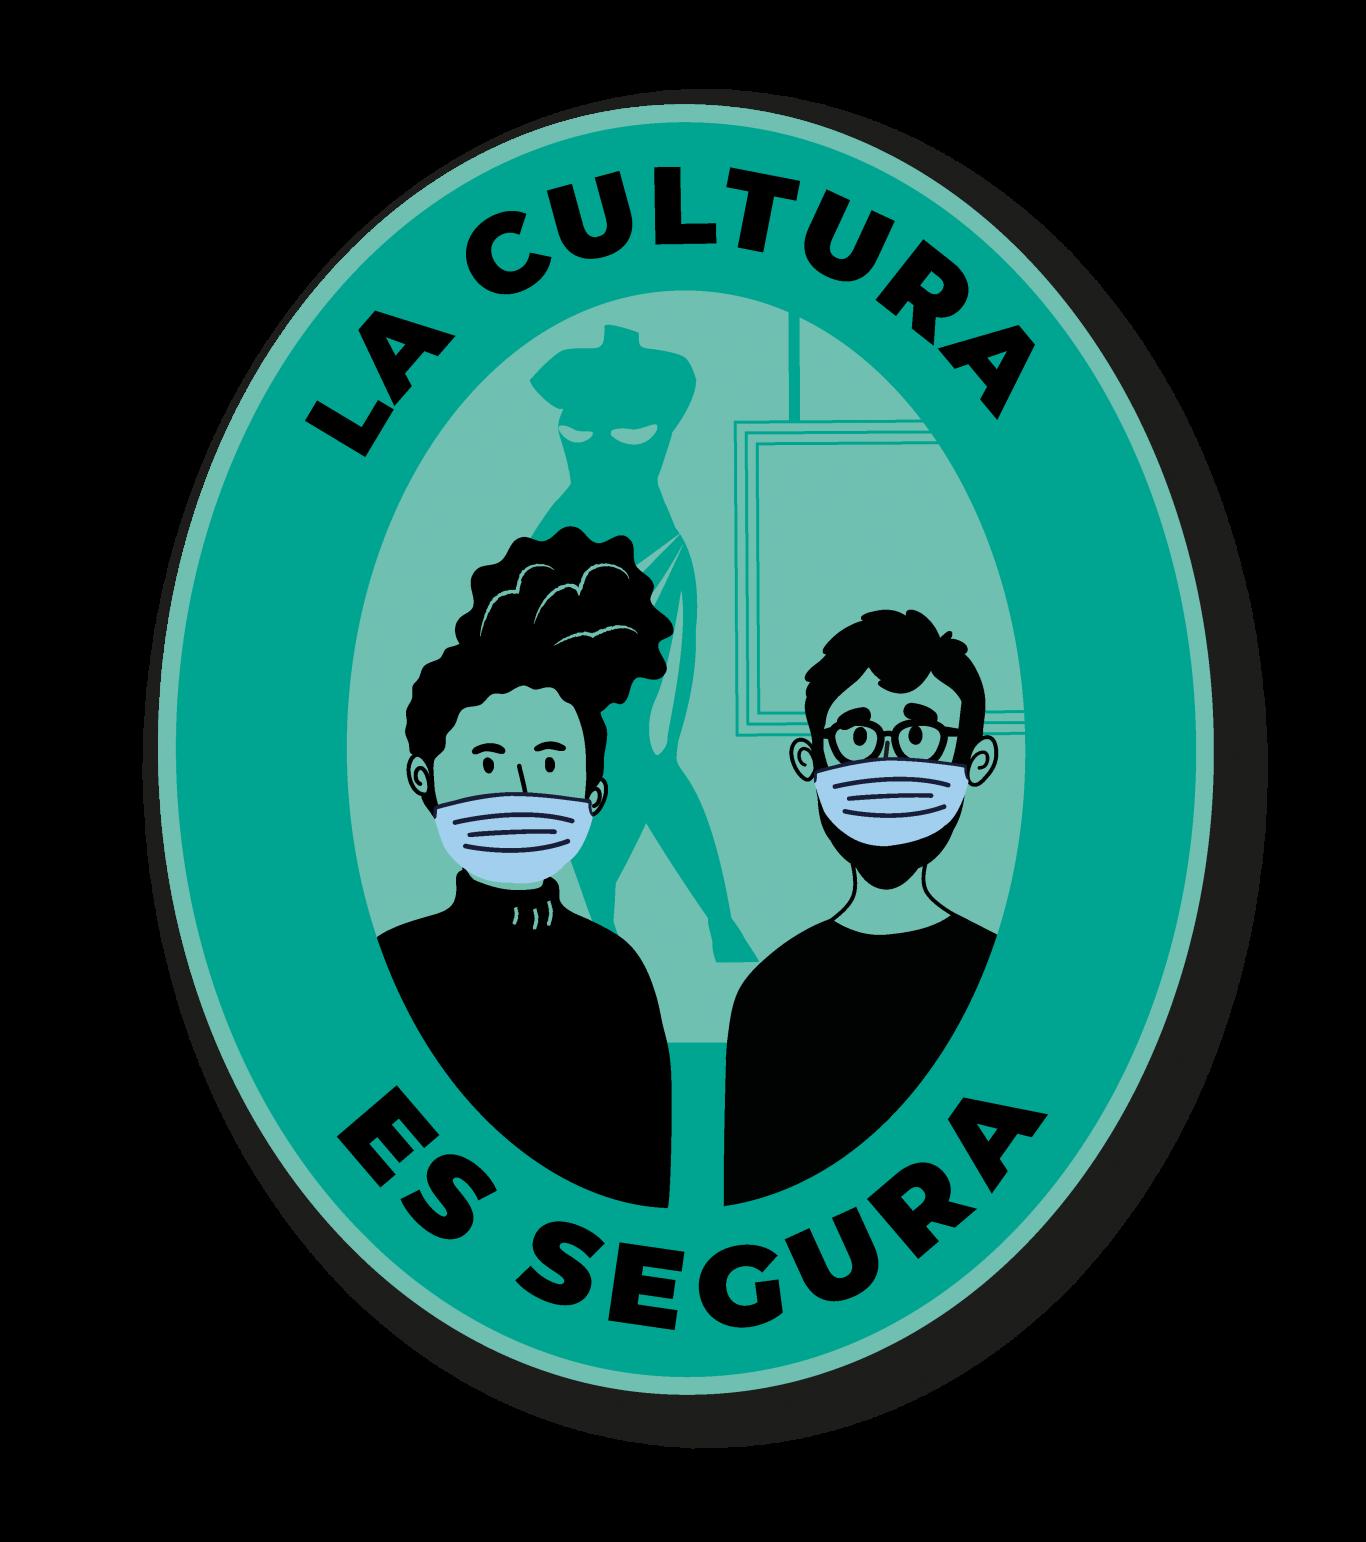 Logo de la cultura es segura